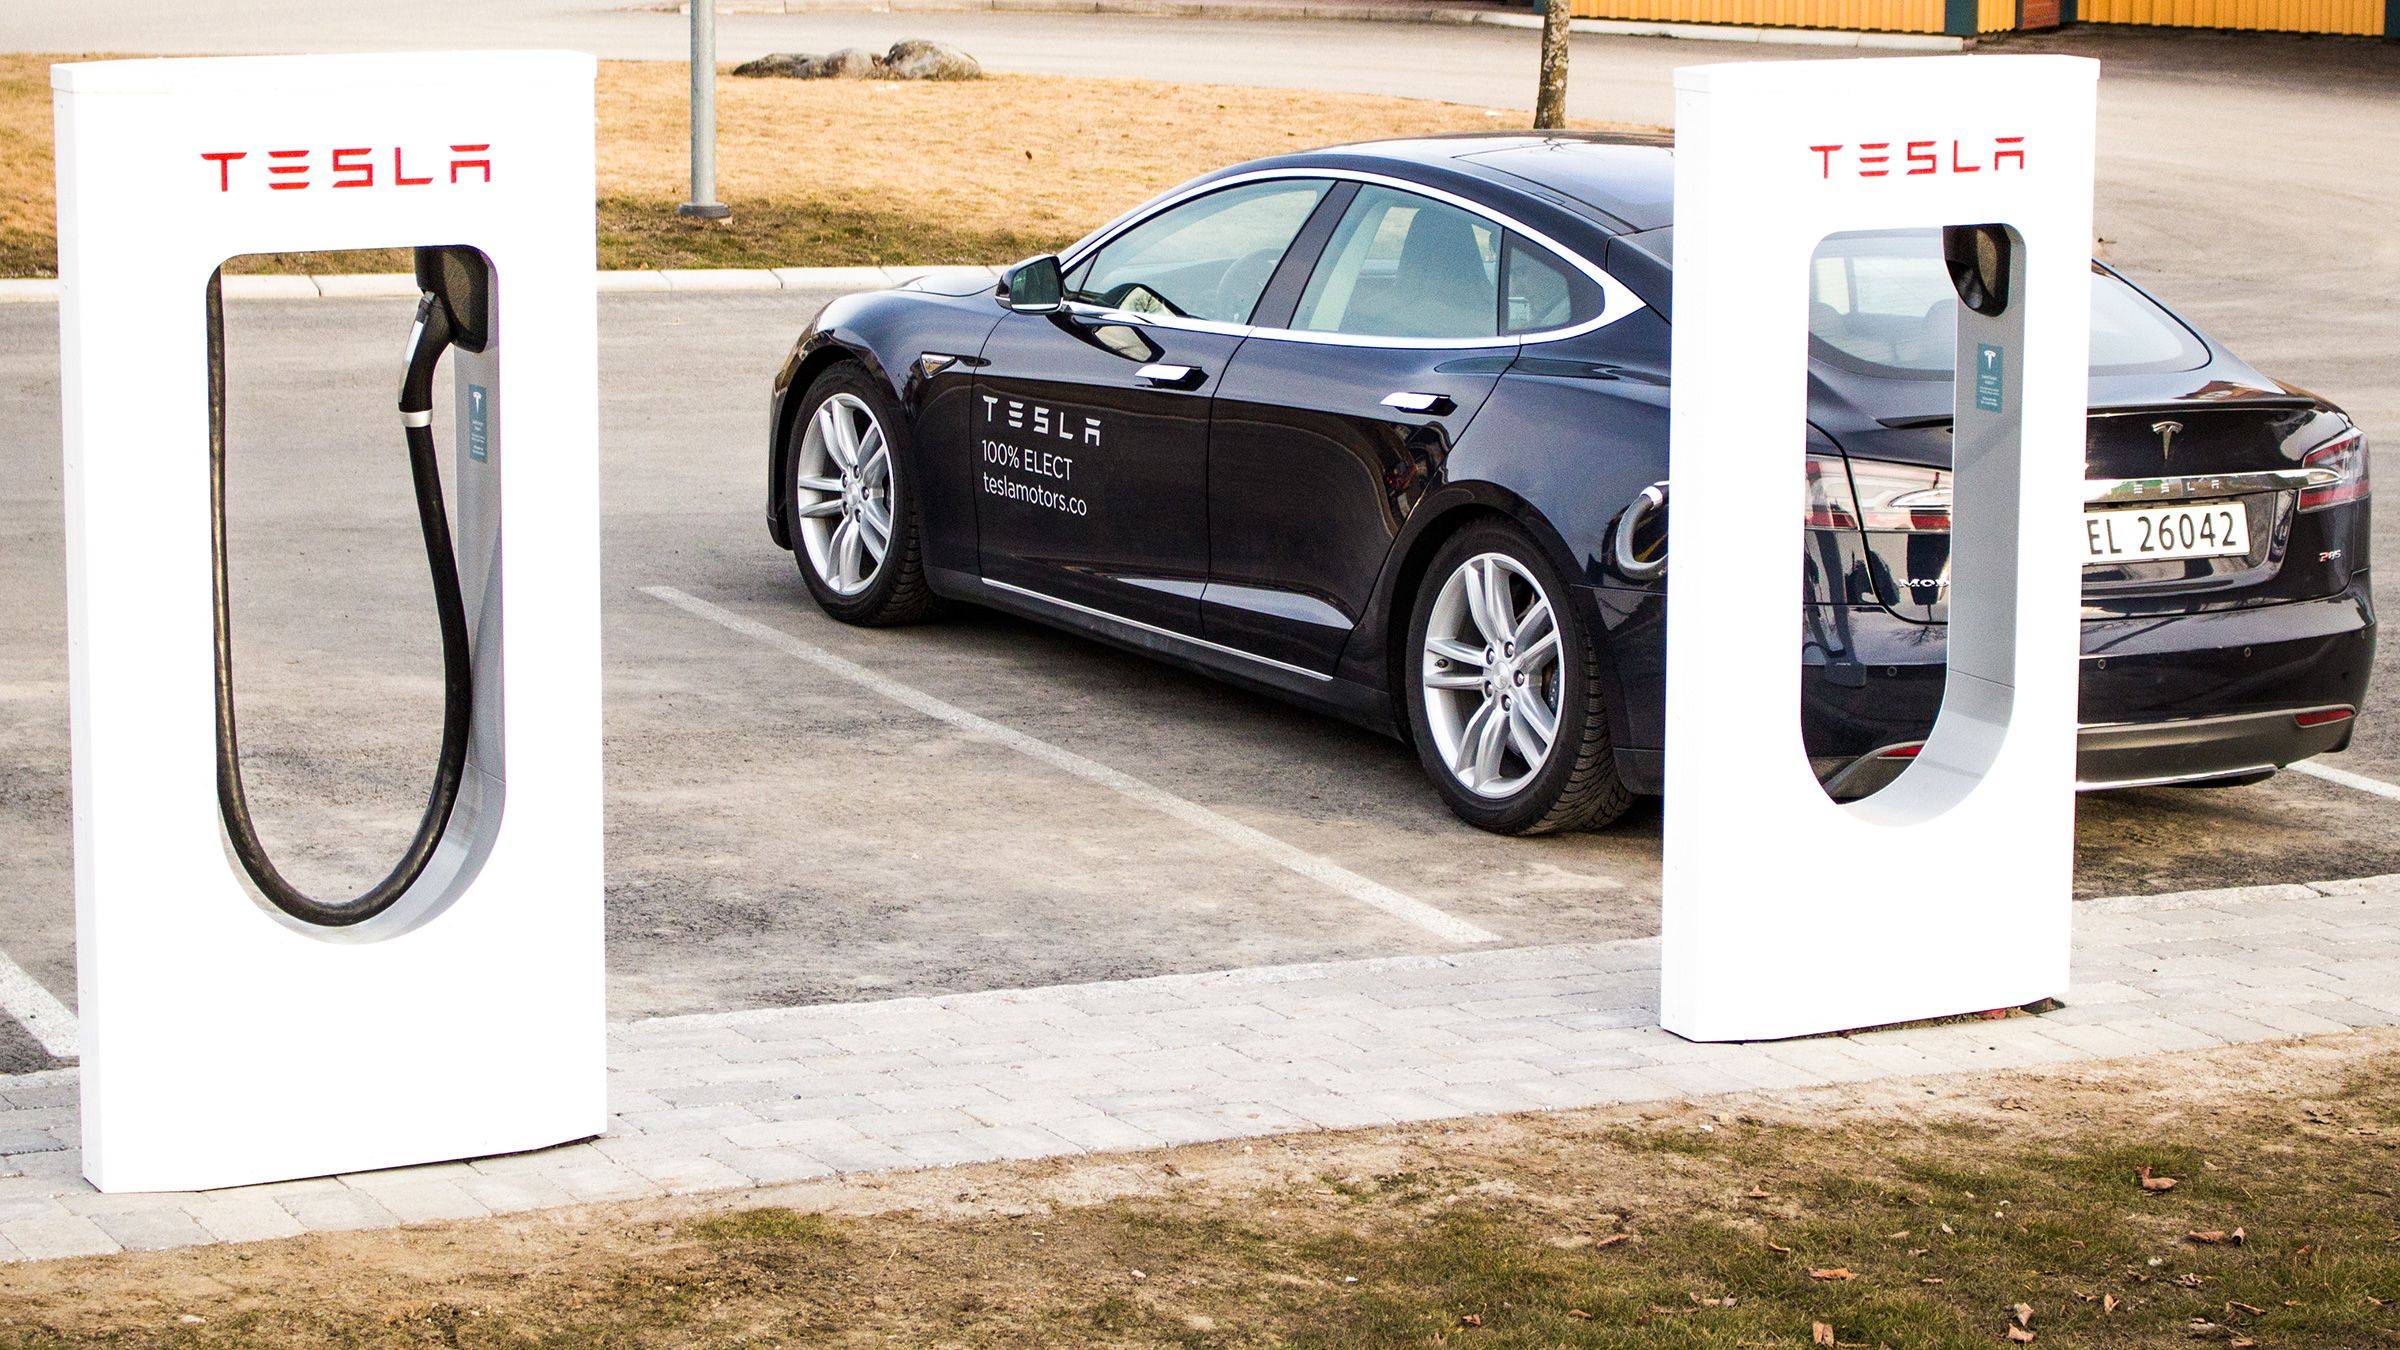 Se hvor Tesla skal bygge nye superladere Tek.no